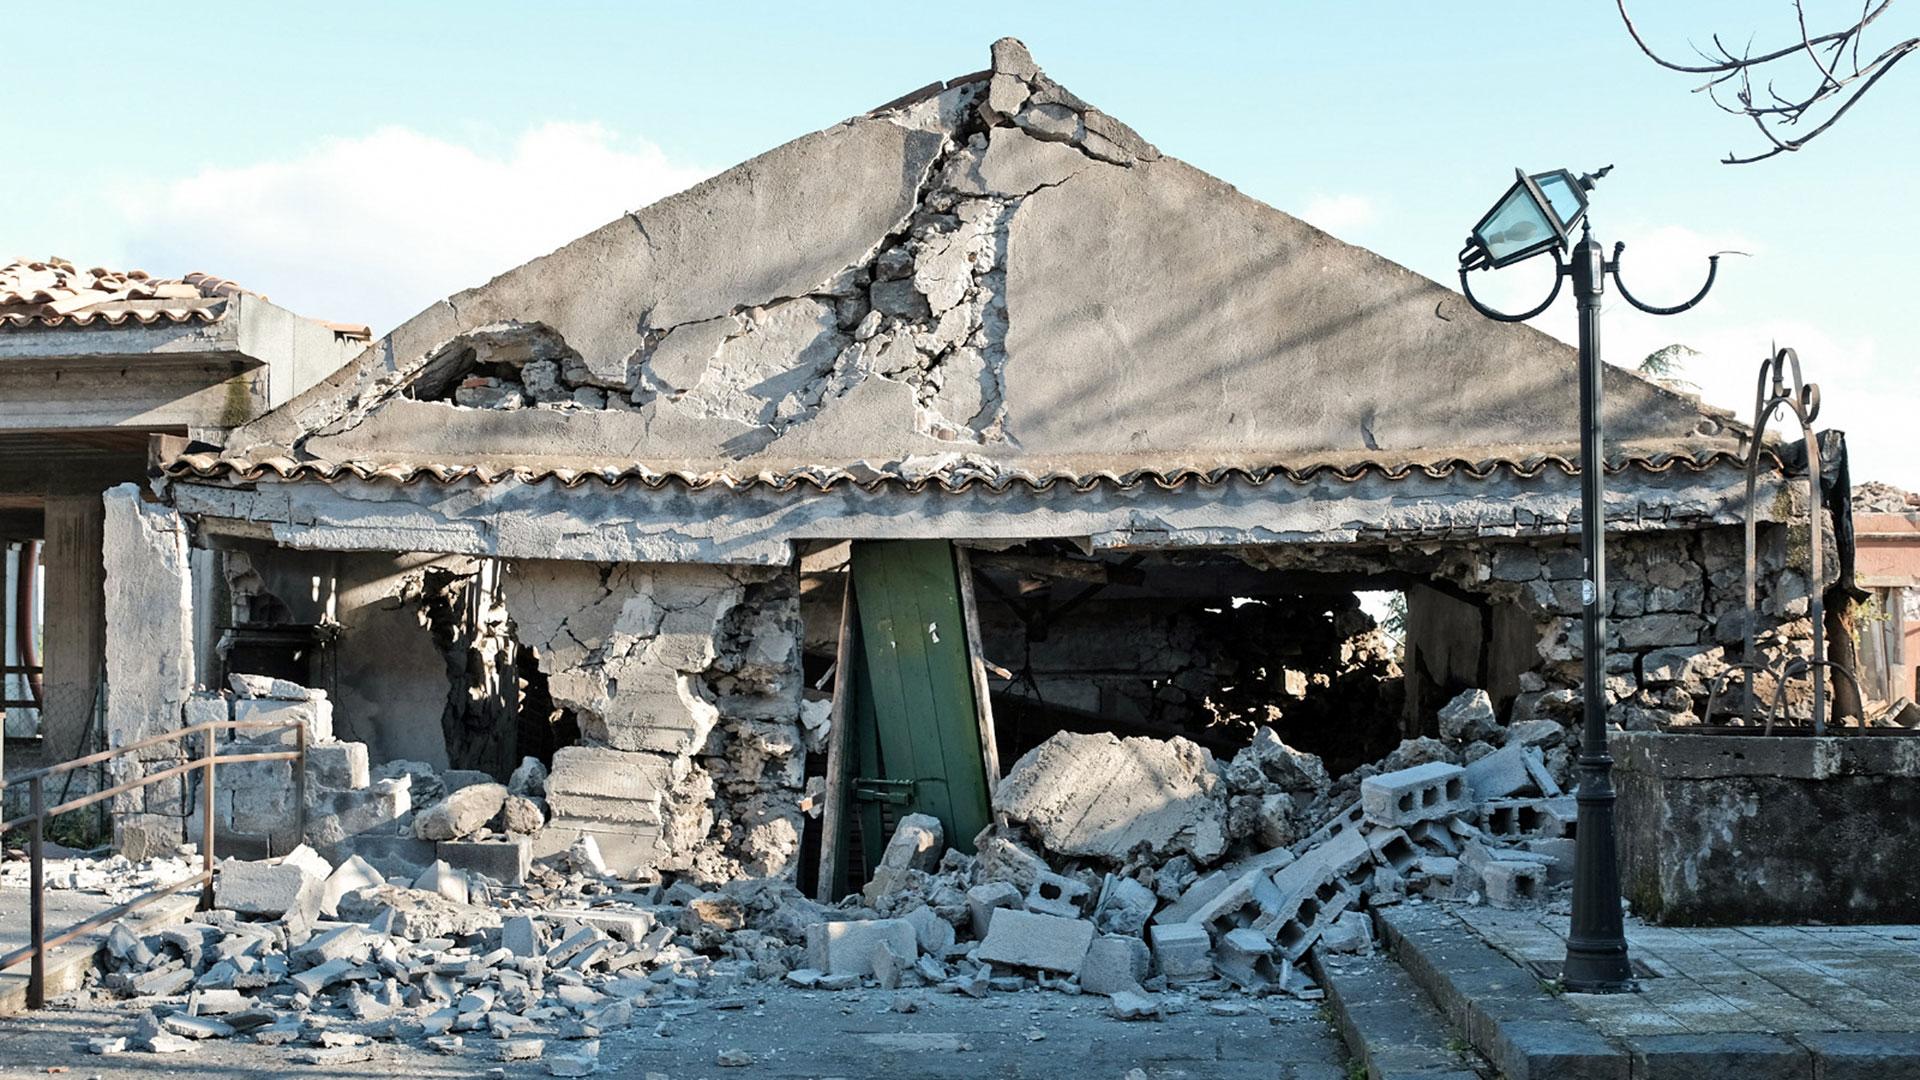 El terremoto ocurrió a mitad de la noche y tuvo un kilómetro de profundidad (AFP)